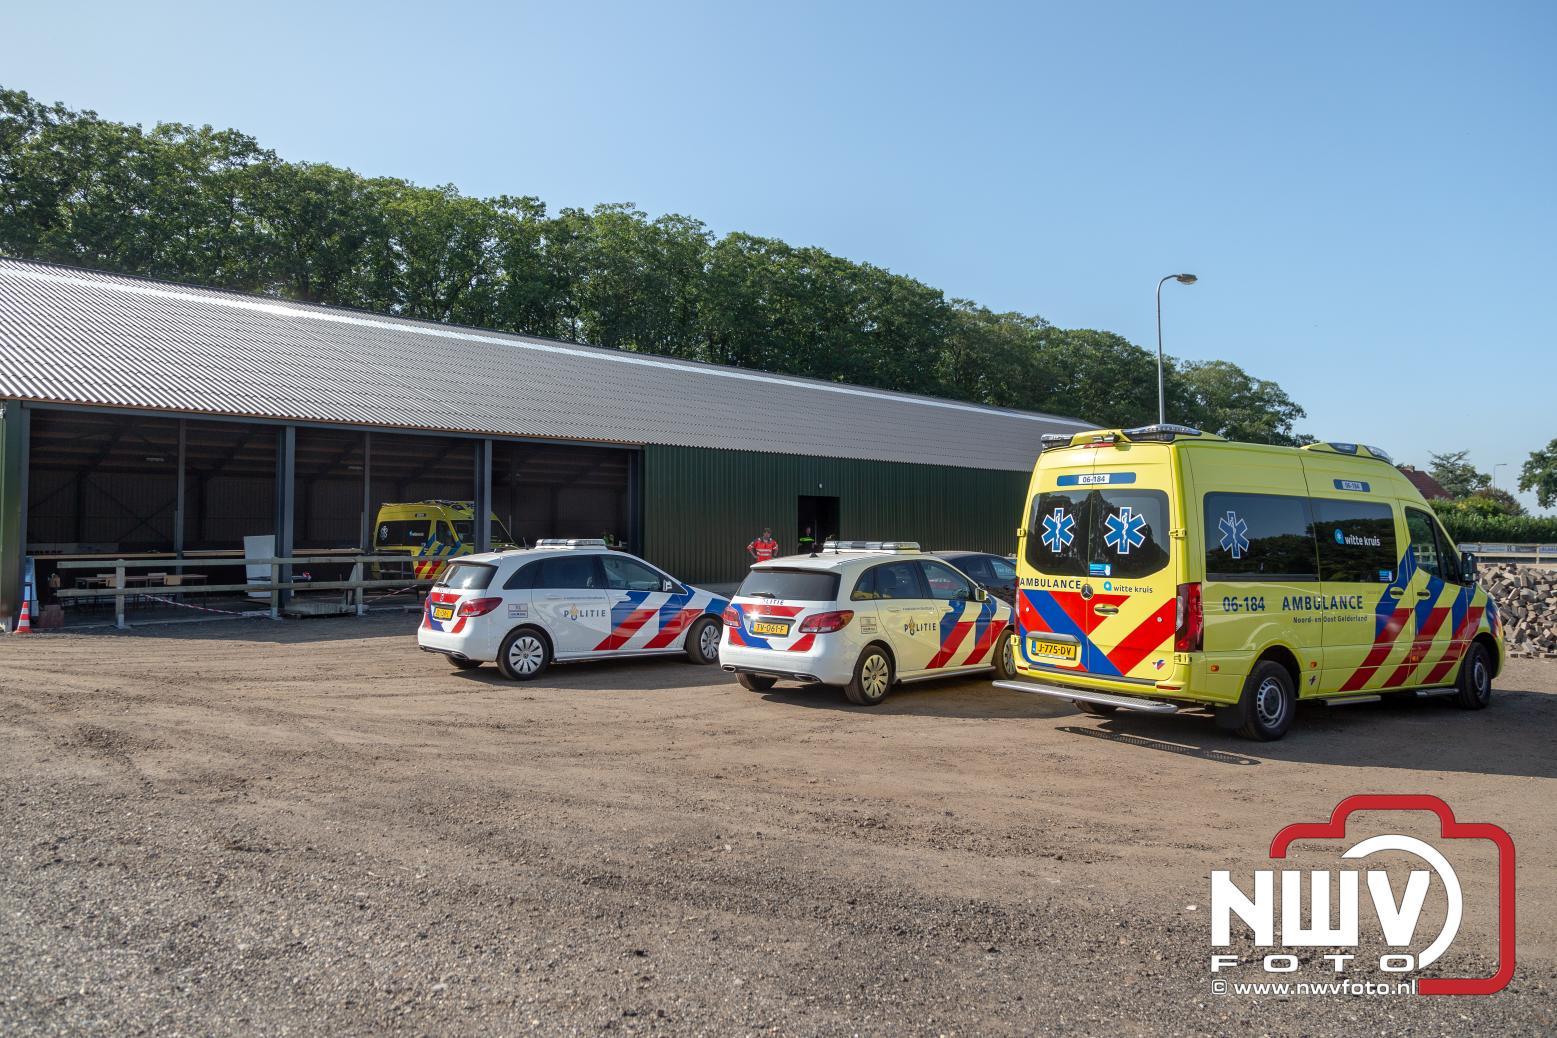 Medische inzet traumahelikopter bij manege Oldebroek - ©NWVFoto.nl